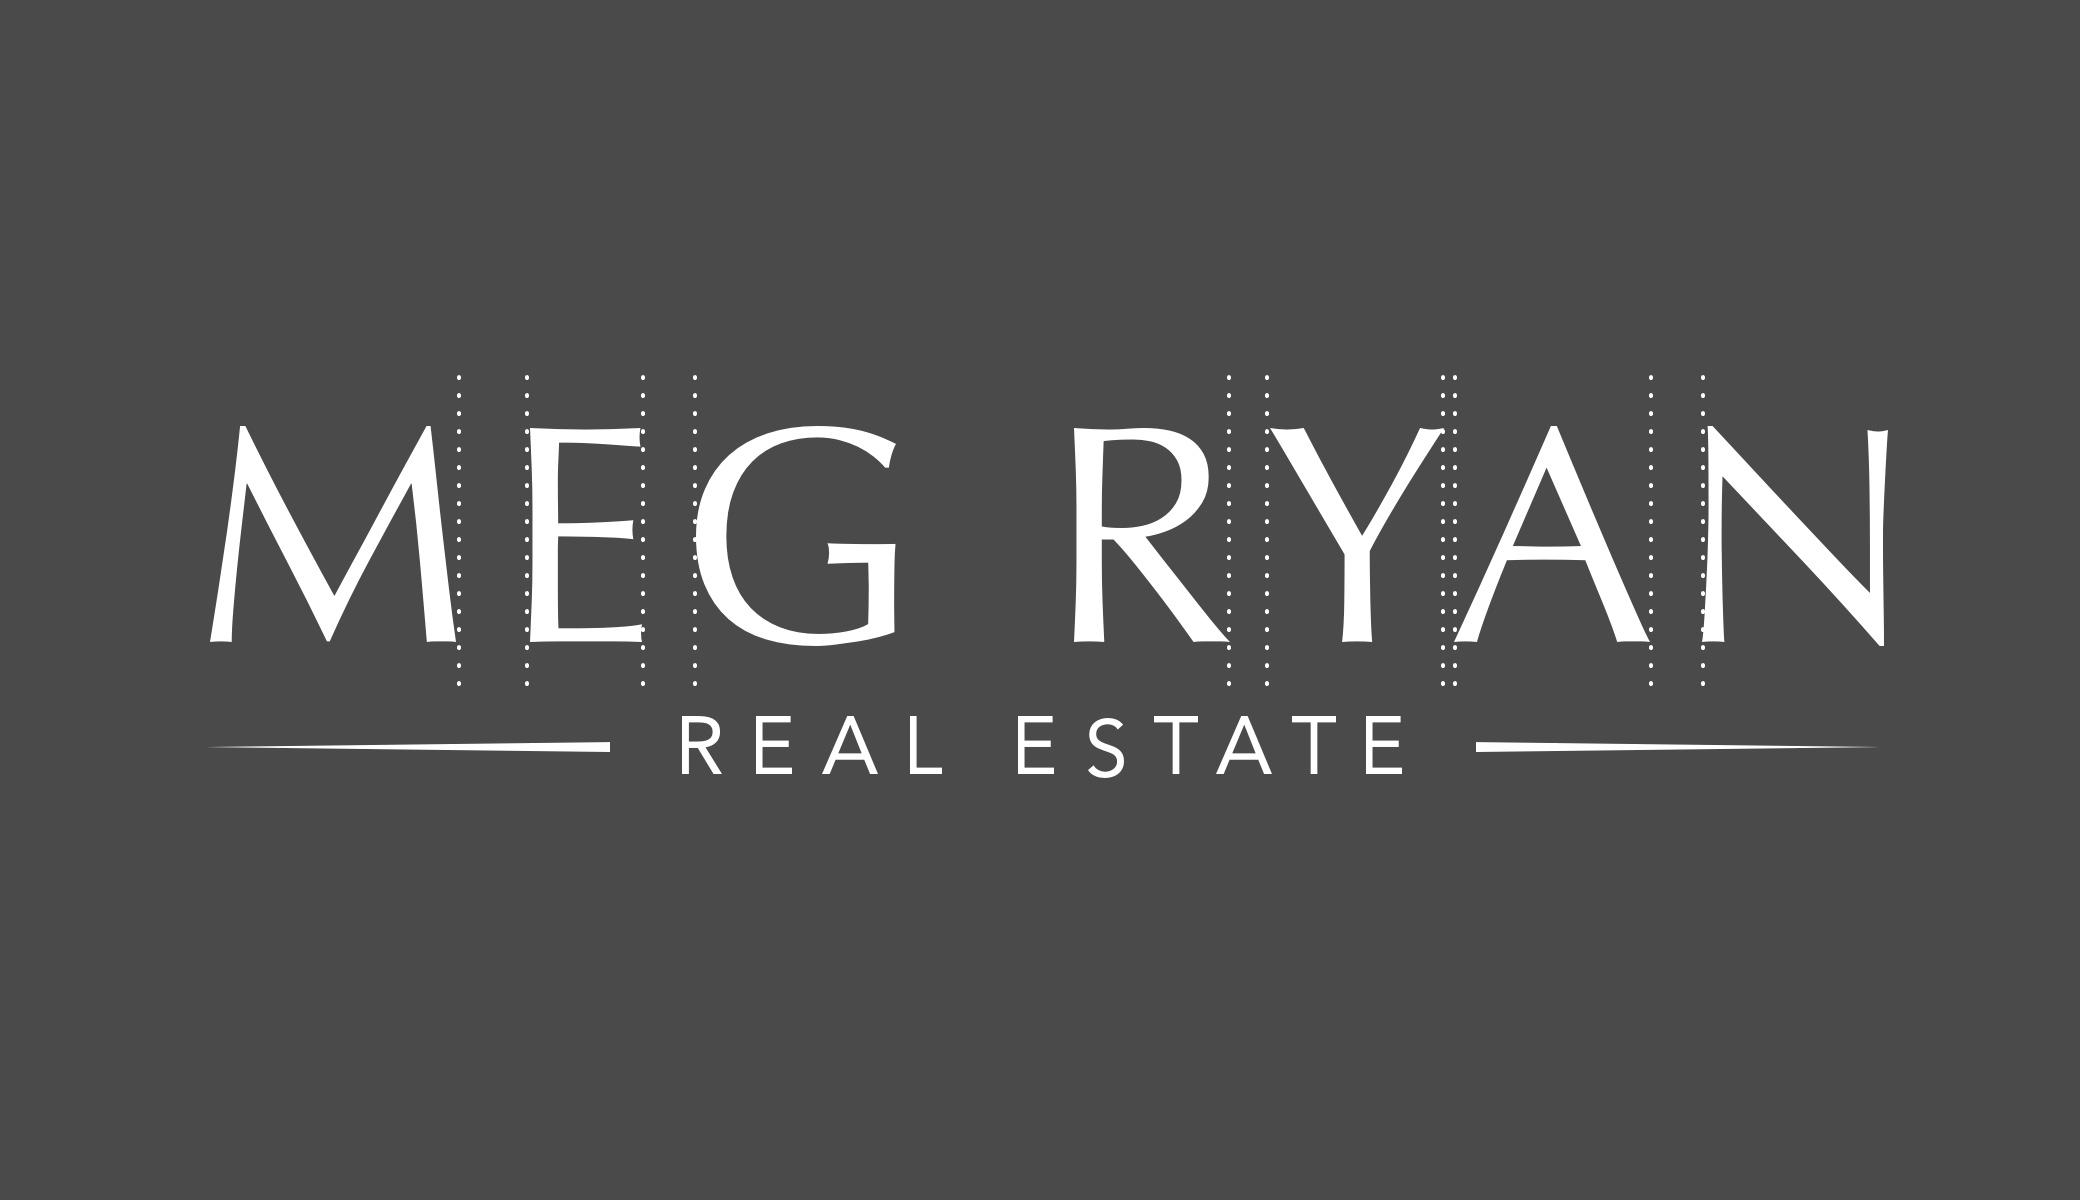 Boutique Type-Art Branding For Real Estate Agent Meg Ryan